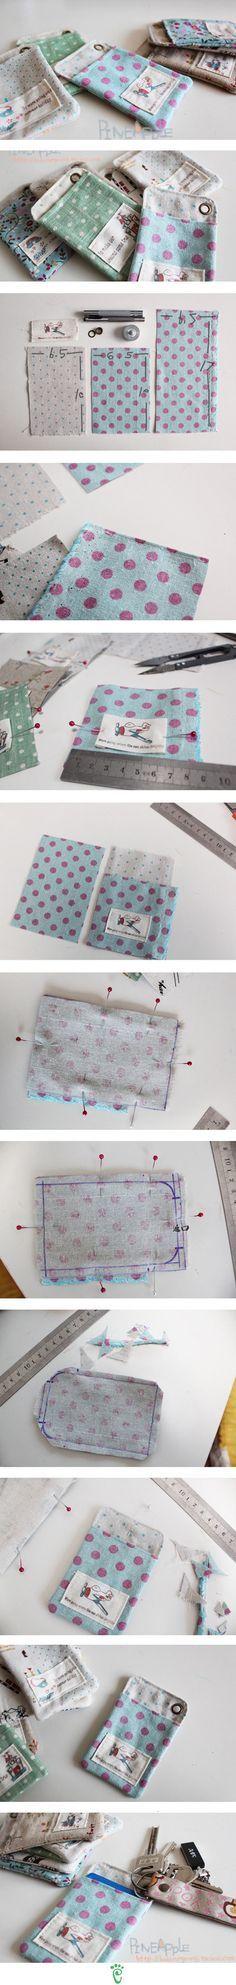 DIY Fabric Pouch diy craft crafts craft ideas easy crafts diy ideas diy crafts sewing easy diy home crafts diy sewing sewing crafts storage crafts